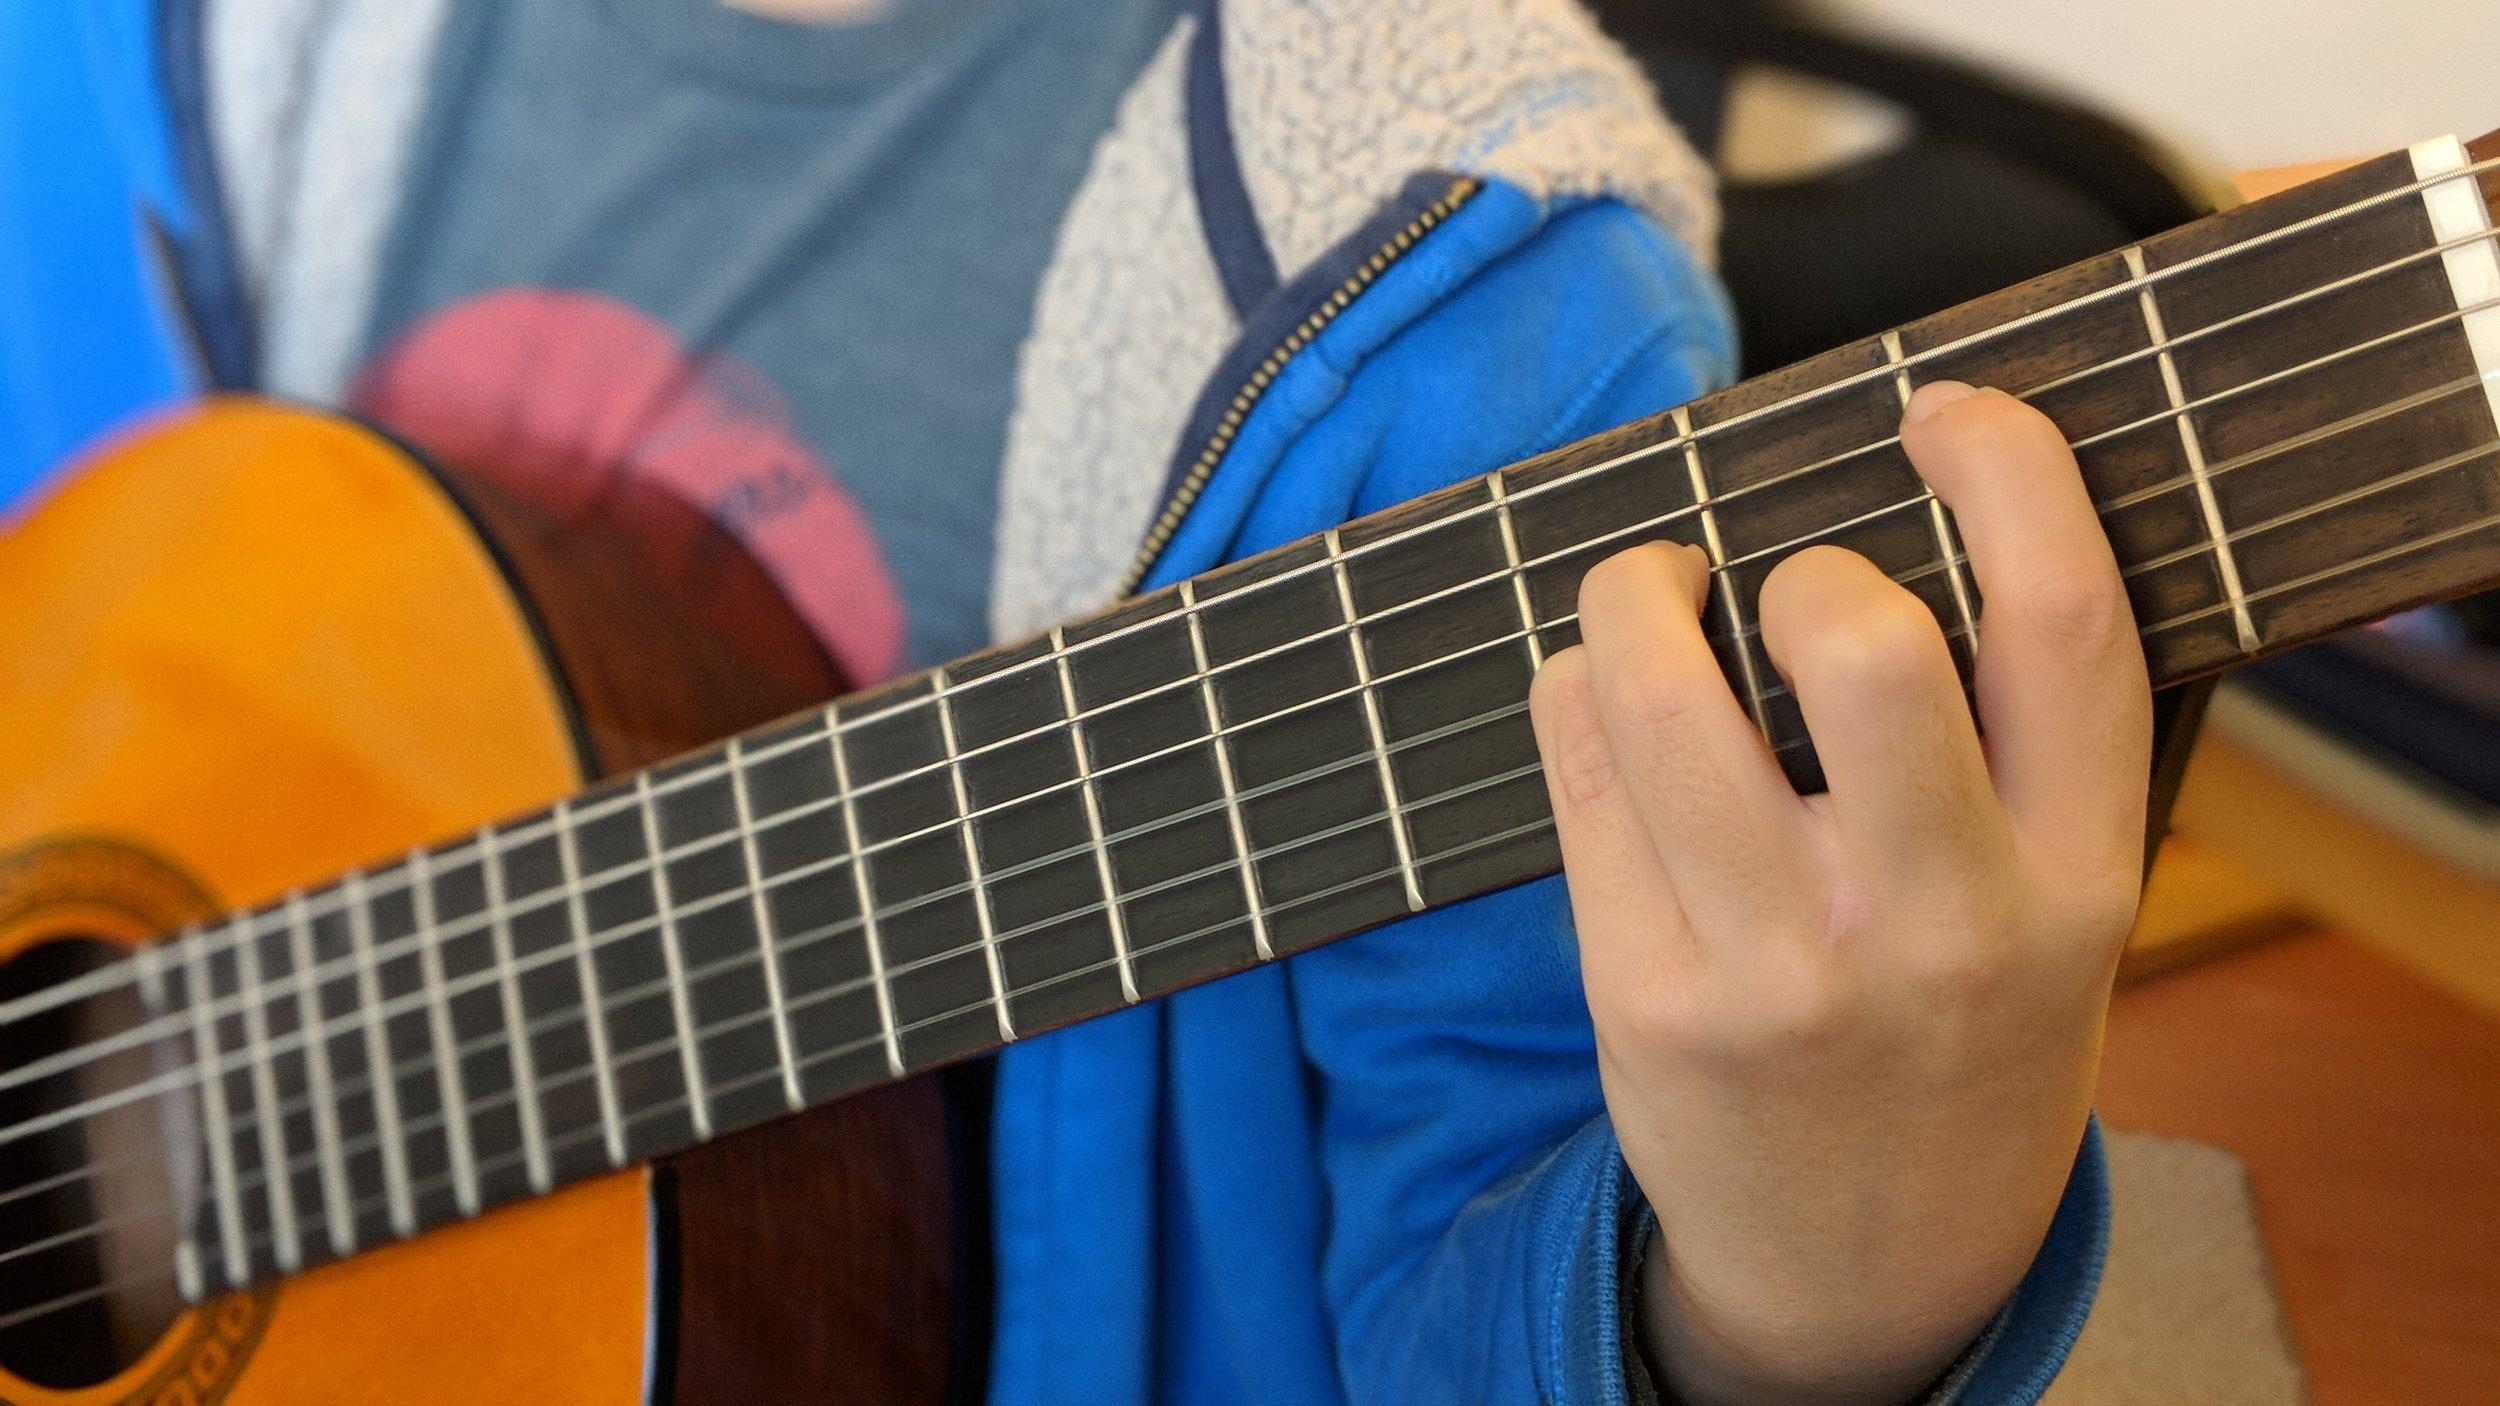 Bm chord.jpg